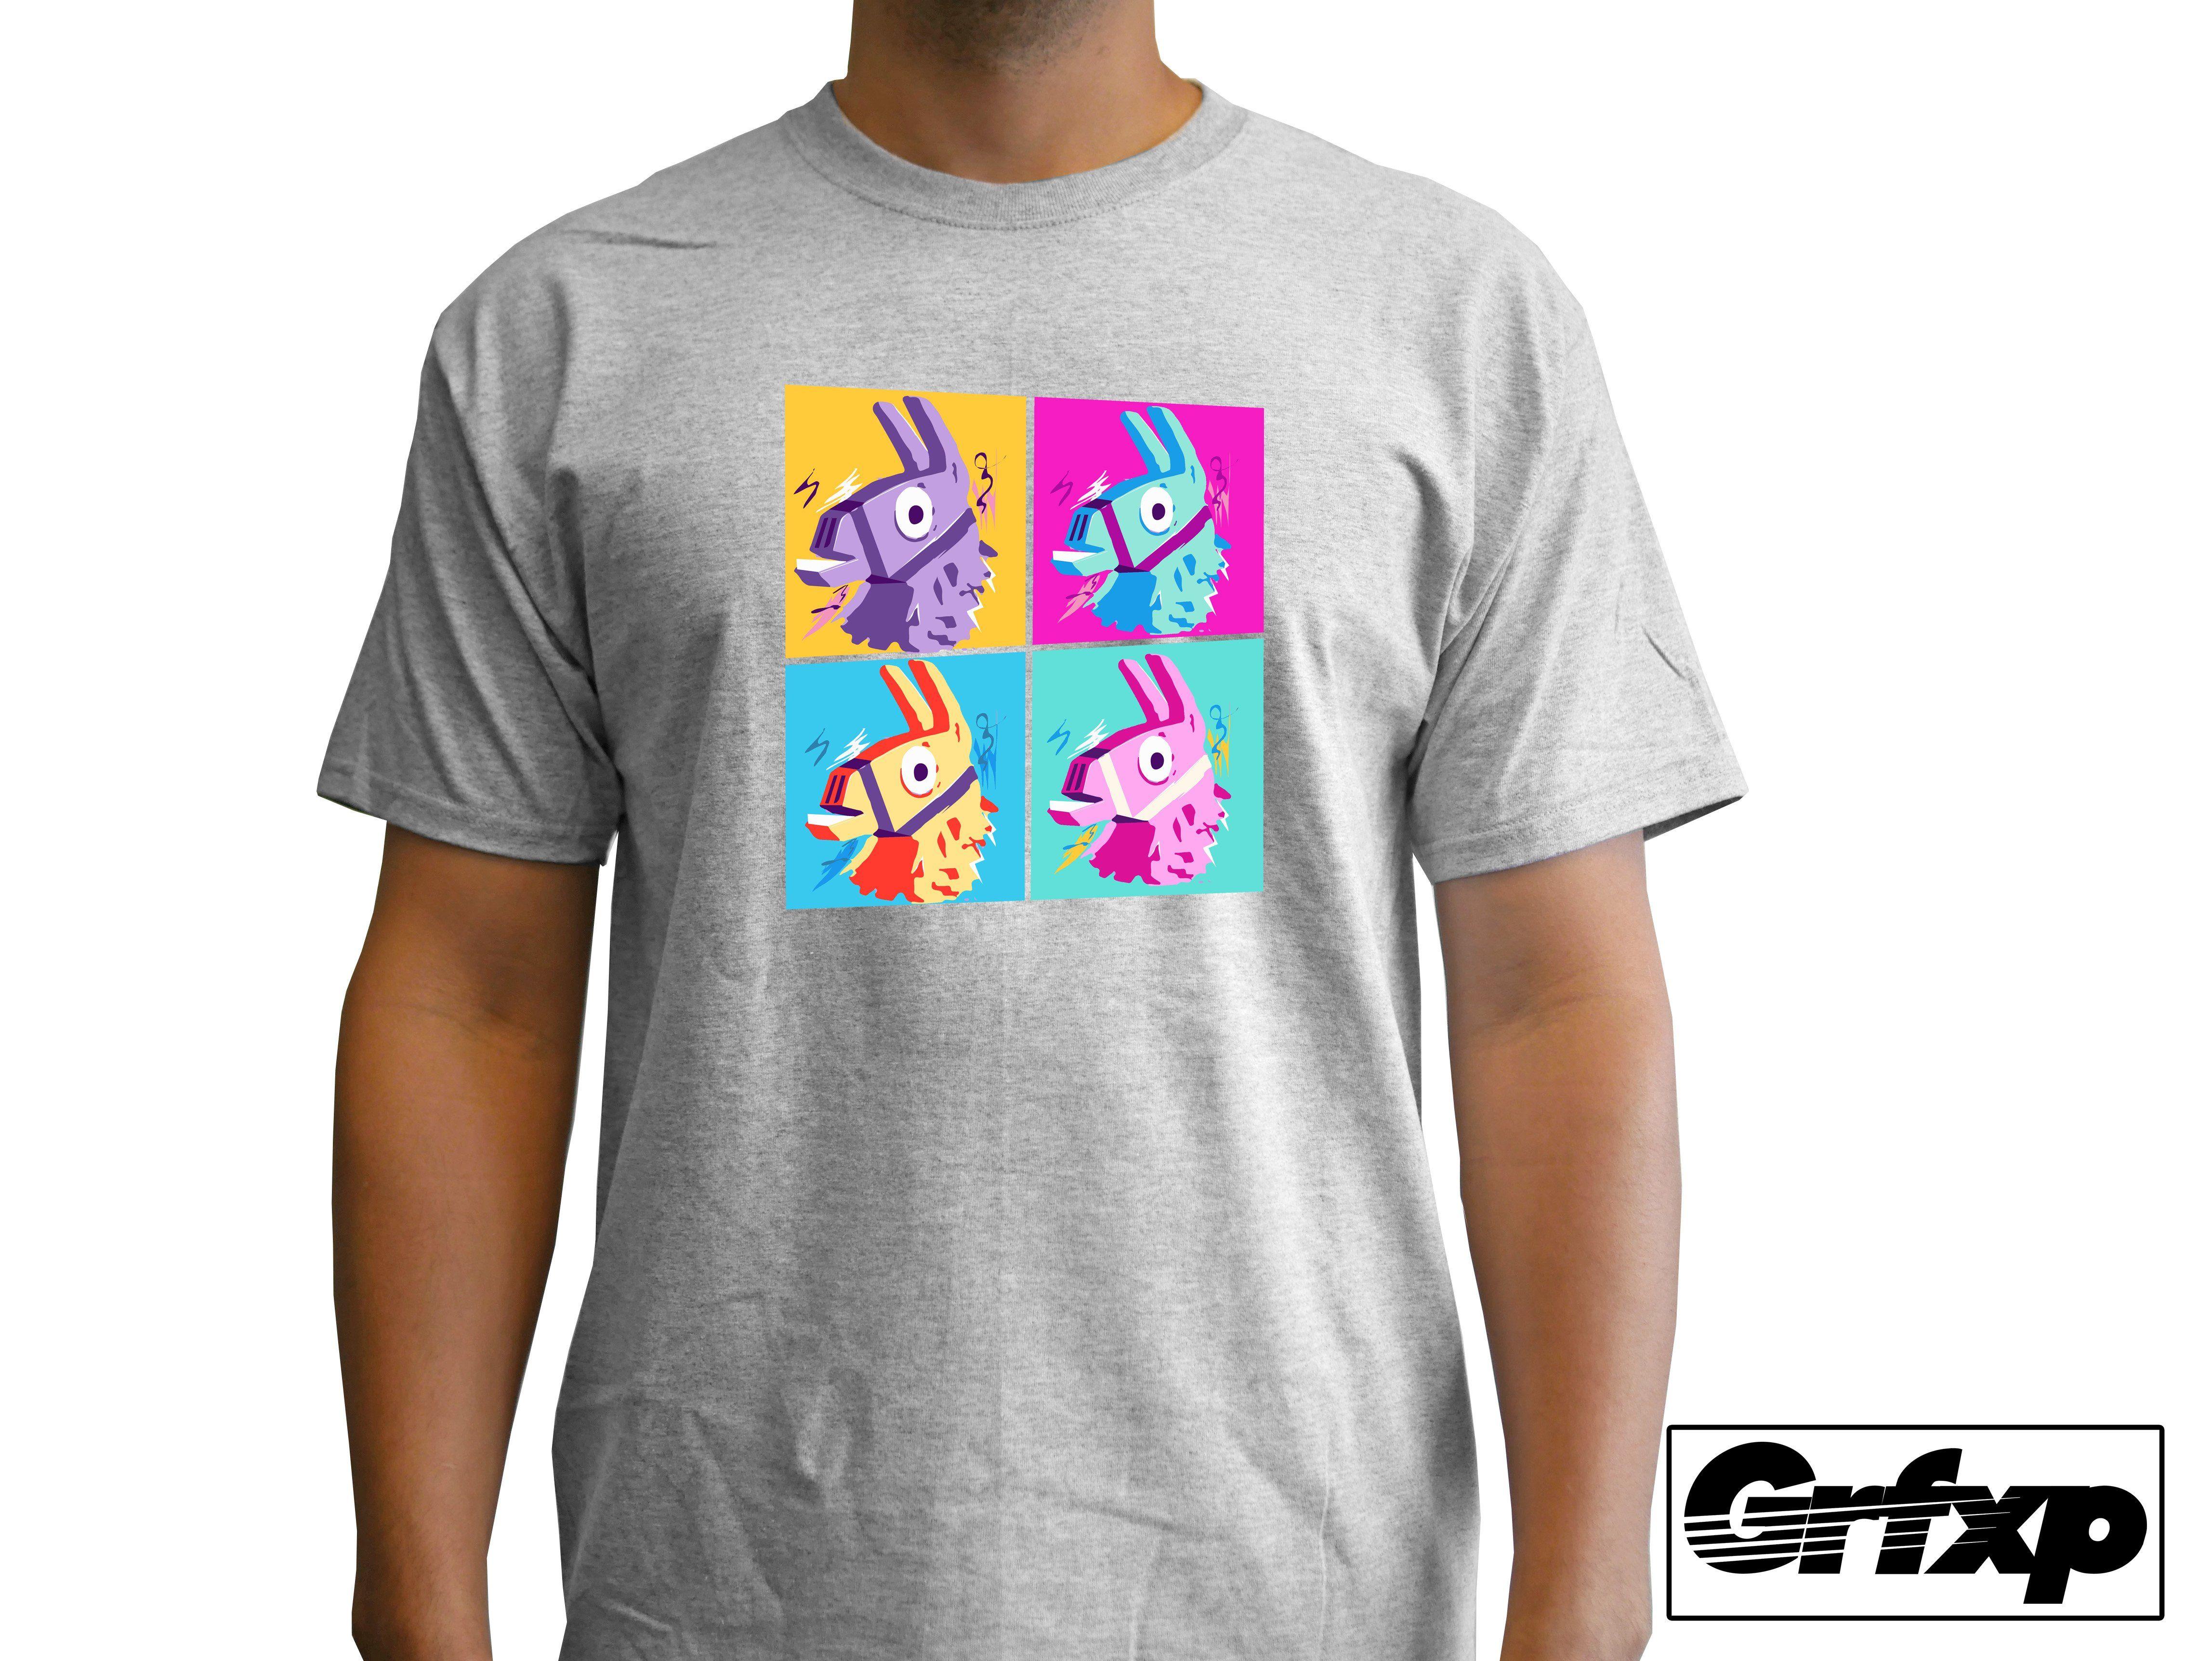 1d872ee1 Loot Lama Quadrant Fortnite T-Shirt | Products | Shirts, T shirt ...